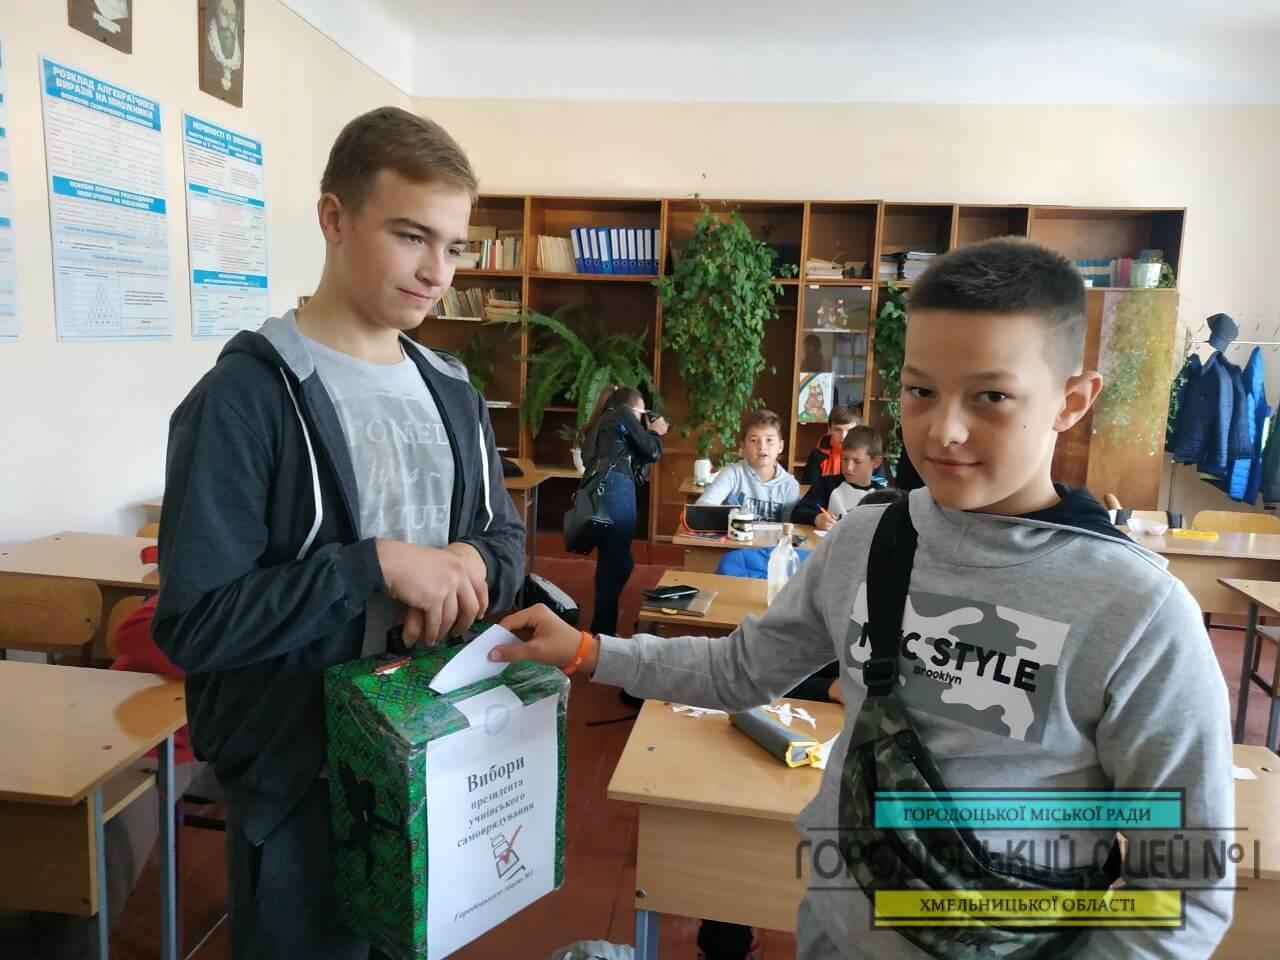 zobrazhennya viber 2019 09 25 16 11 46 - Вибори президента учнівського самоврядування